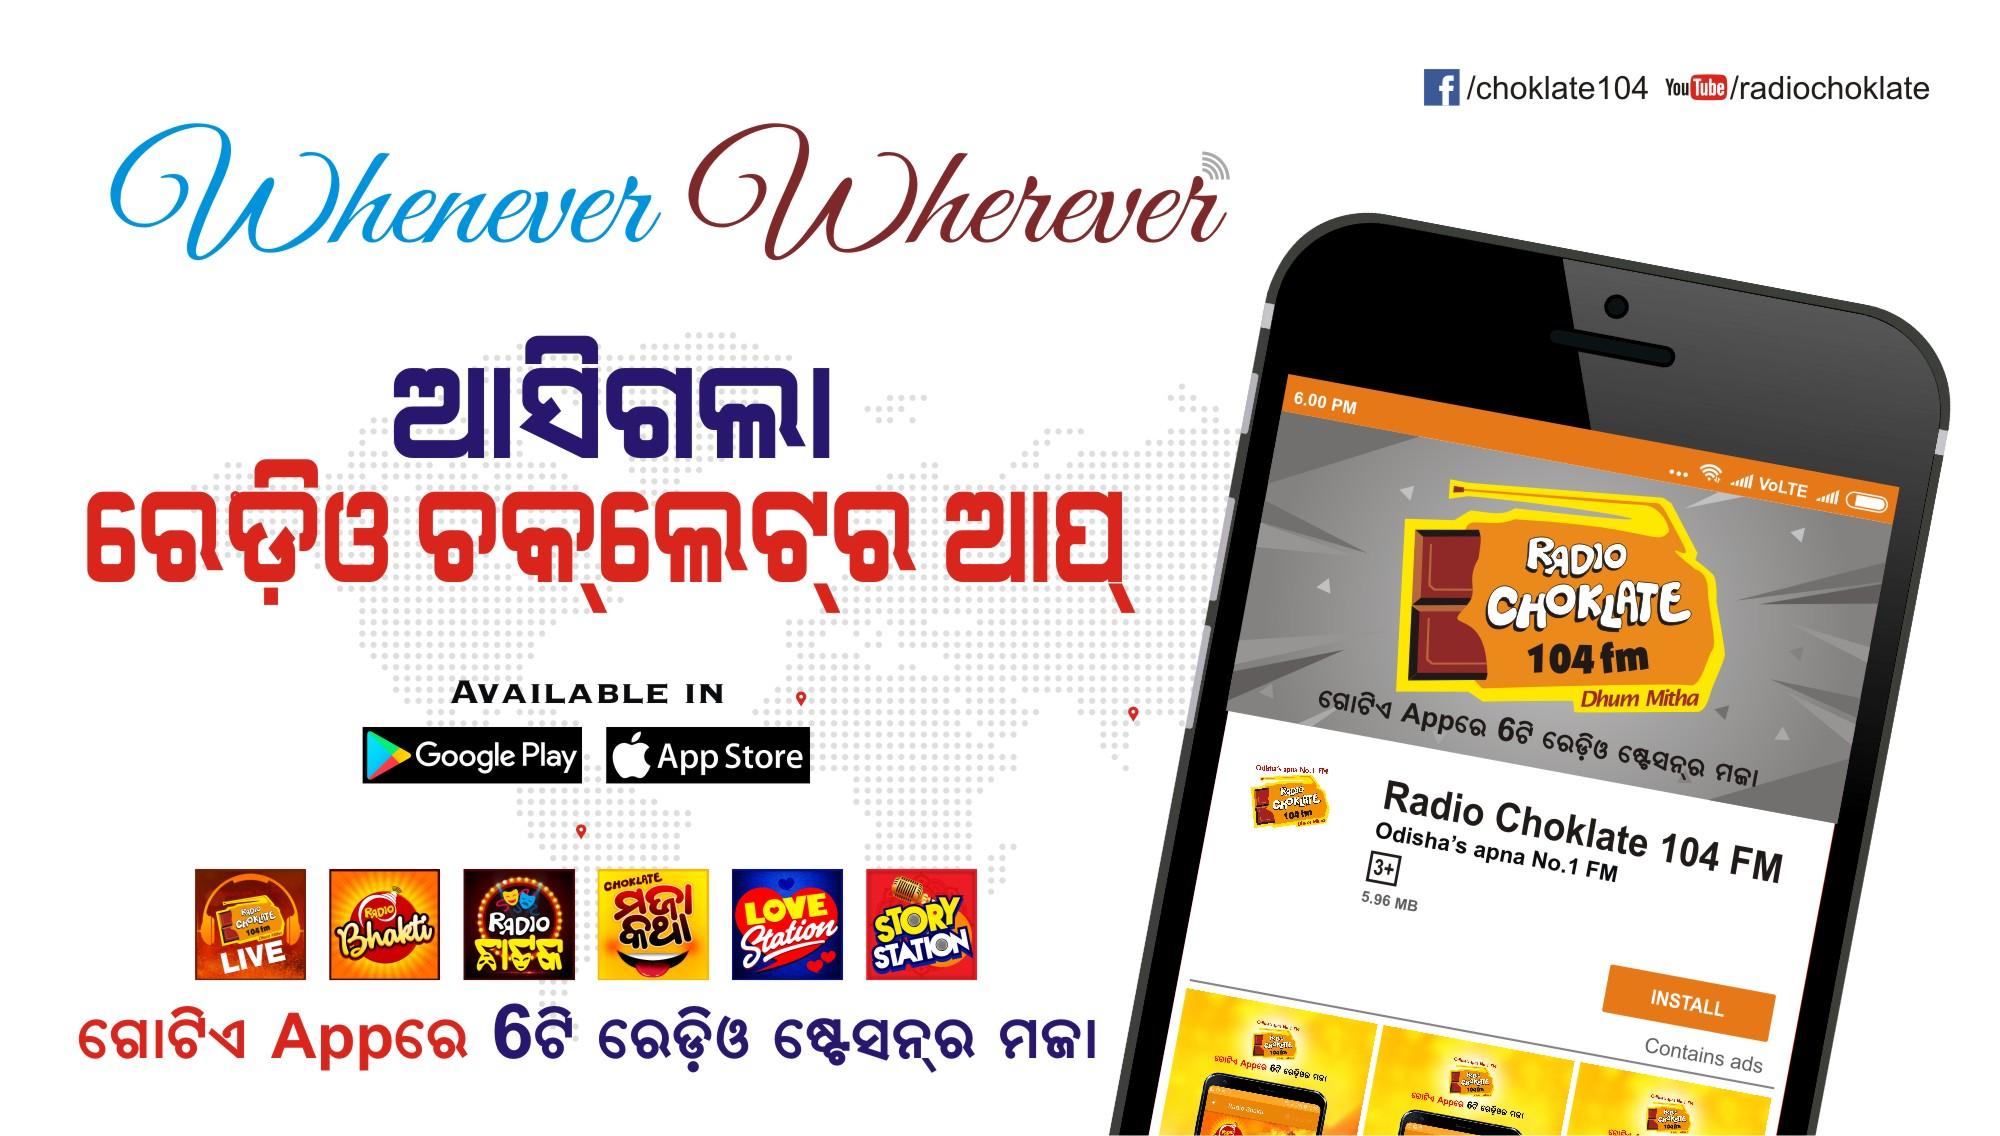 Radio Choklate app